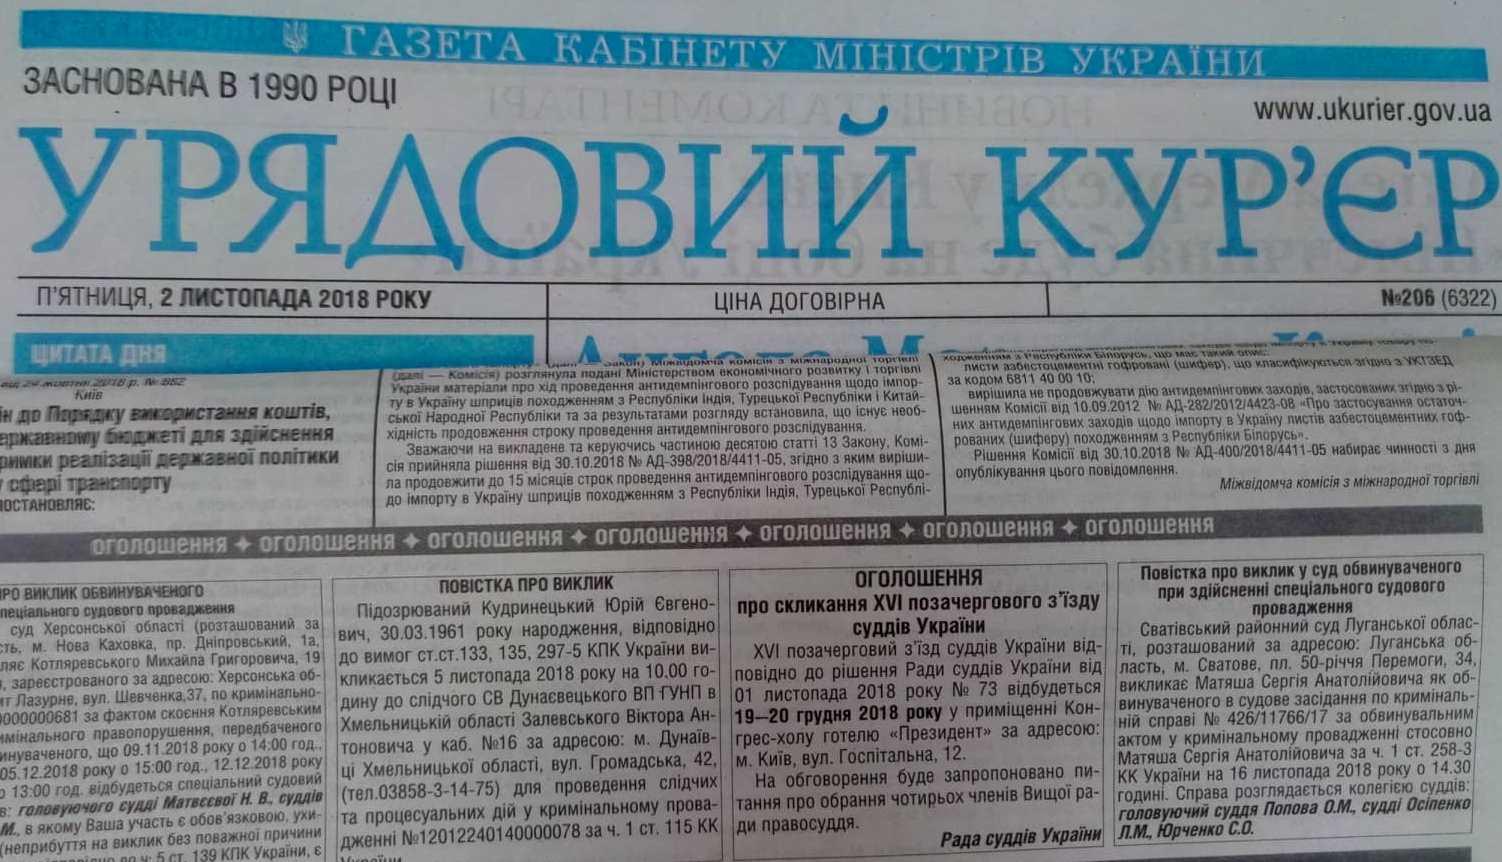 📰 Кабмін подав законопроект у Раду – публікувати закони на офіційних сайтах, а не у газетах